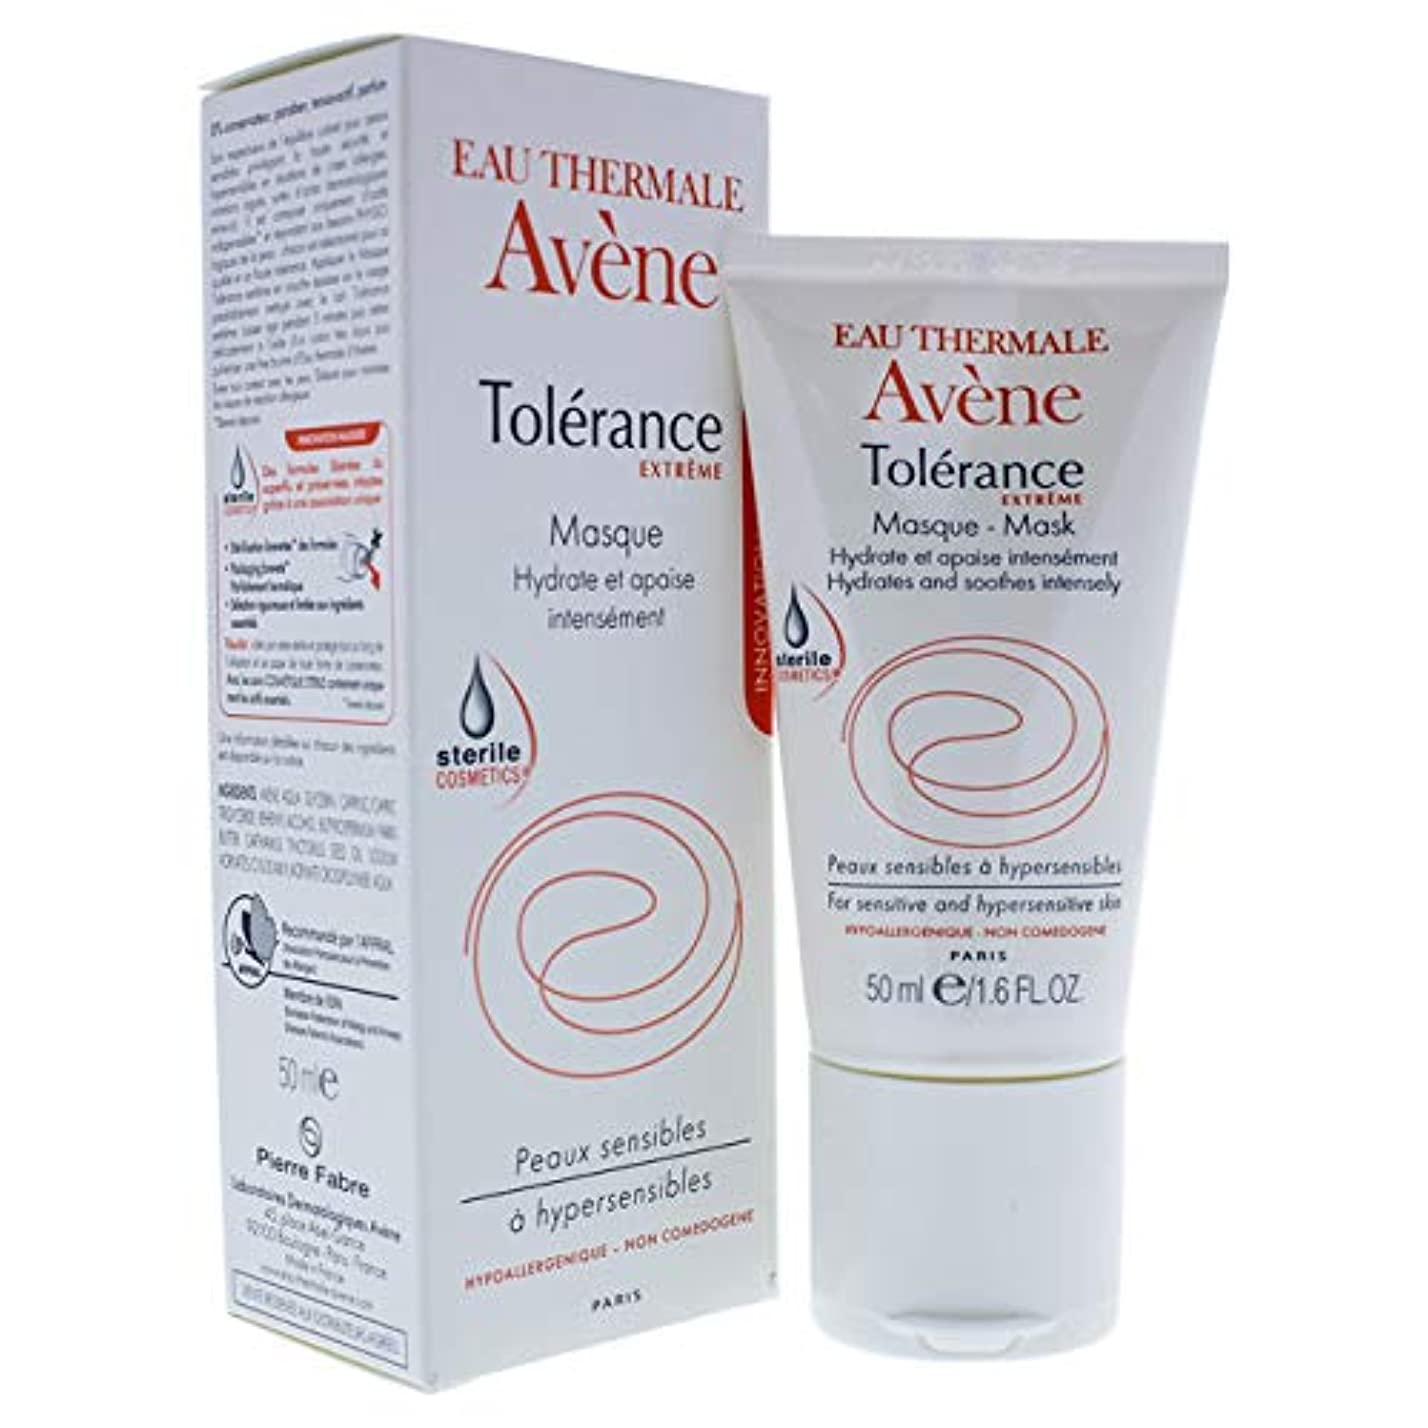 沿ってコントラスト博覧会アベンヌ Tolerance Extreme Mask - For Sensitive & Hypersensitive Skin 50ml/1.6oz並行輸入品